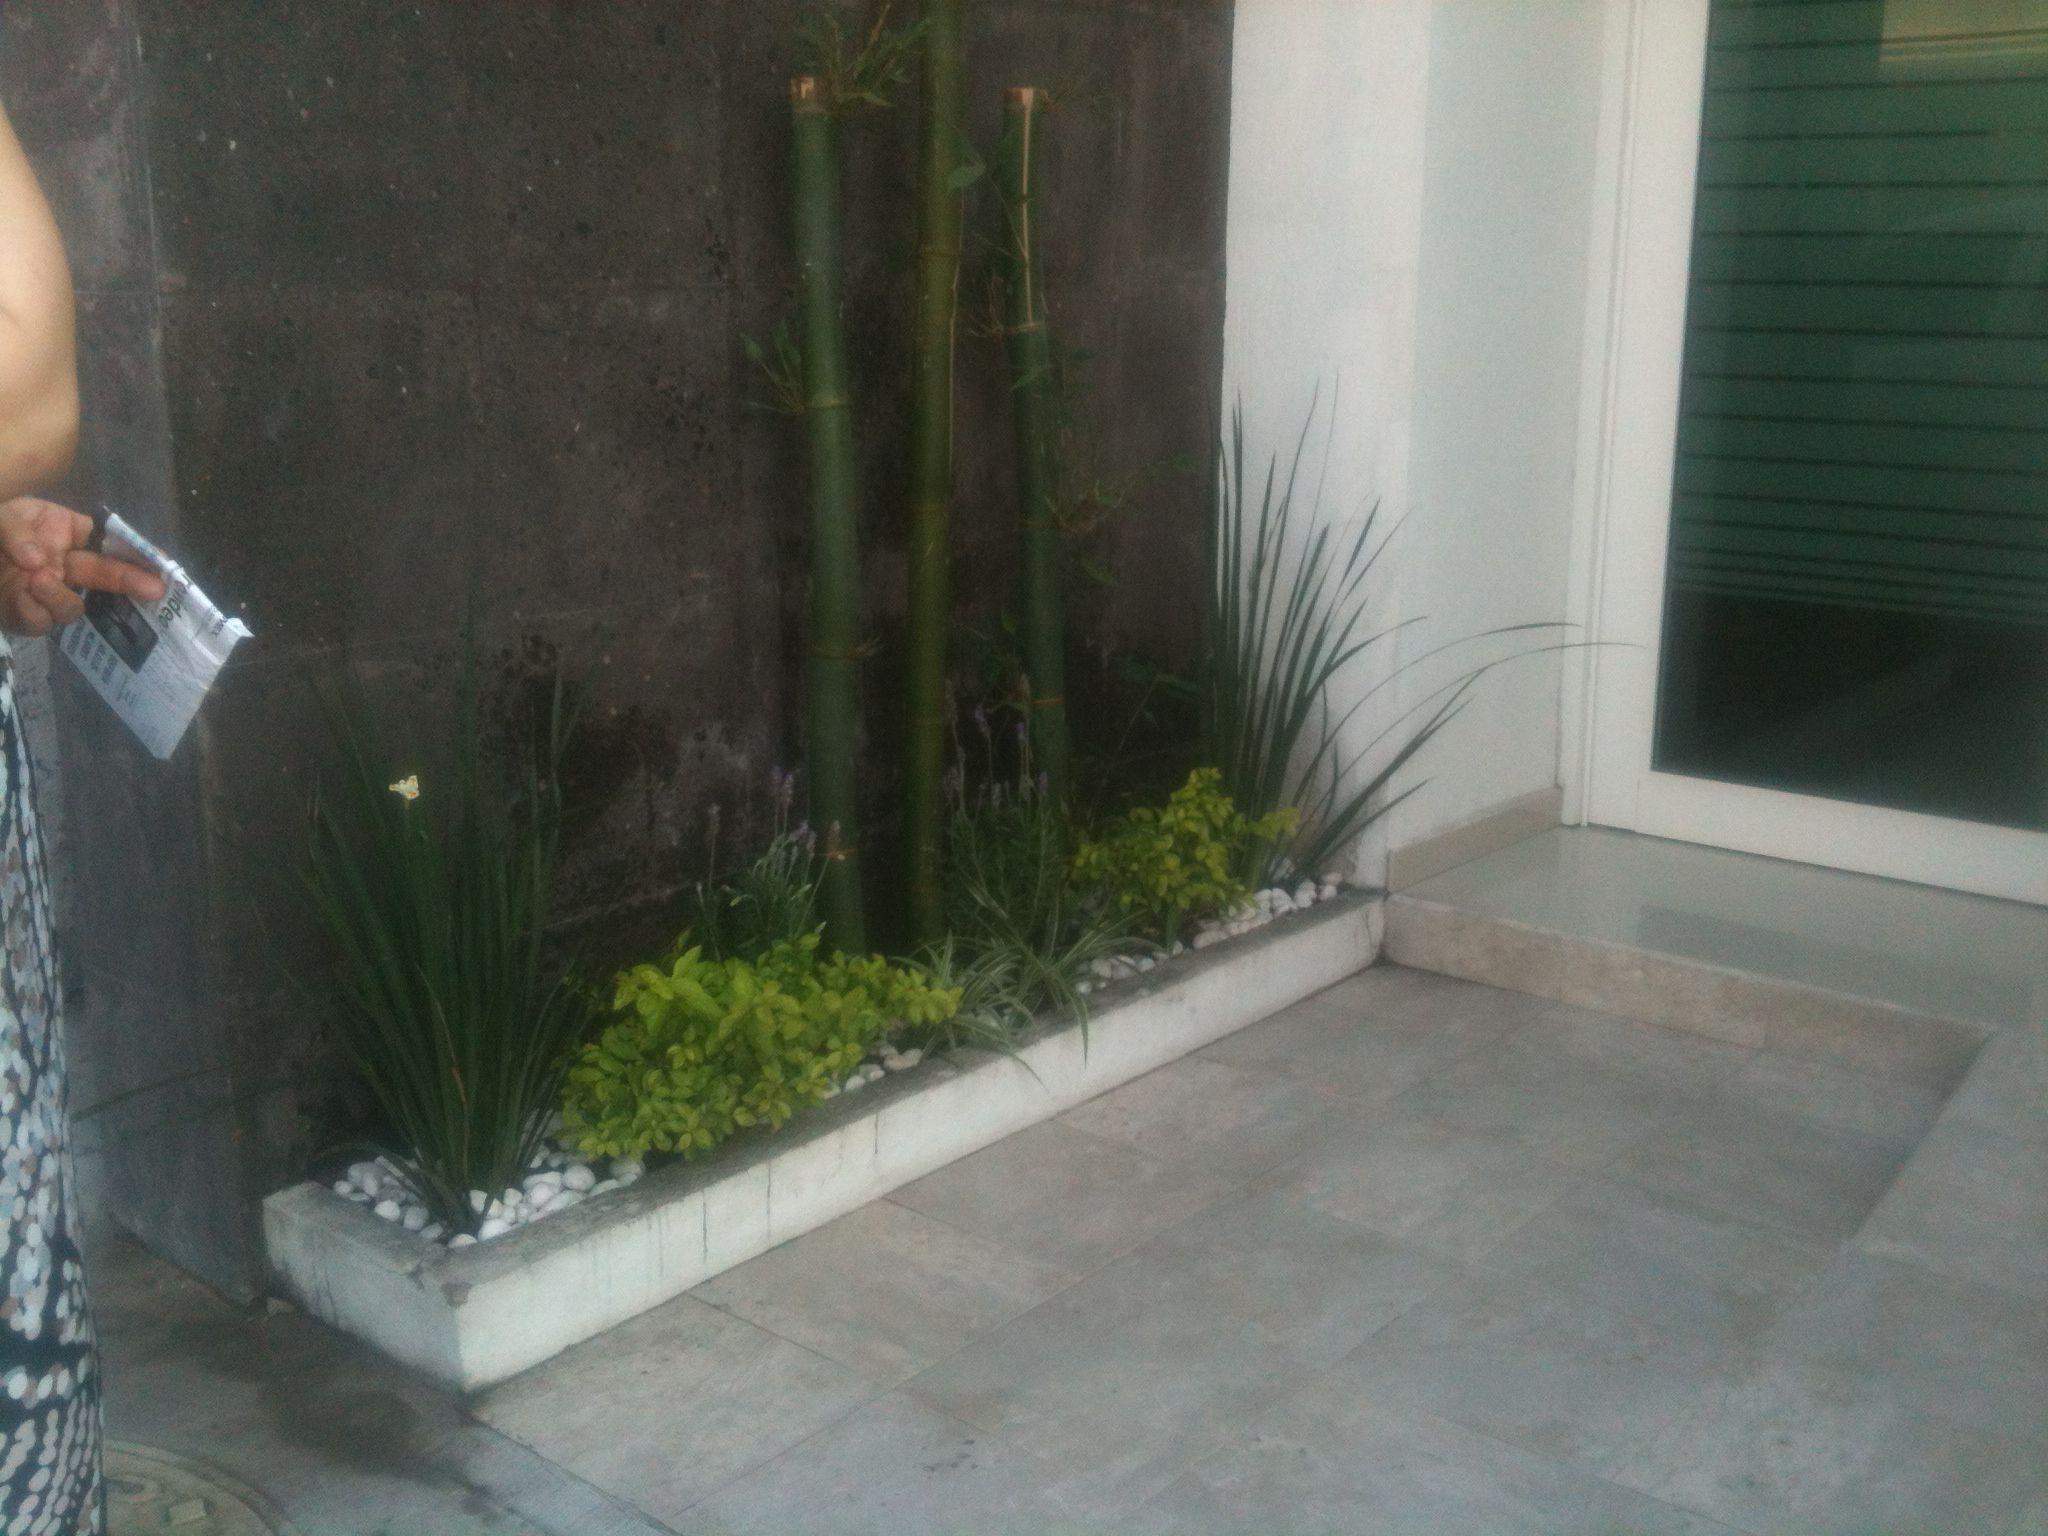 Jardines peque os con bambu y piedra blanca exteriores - Disenos de jardines con piedras blancas ...